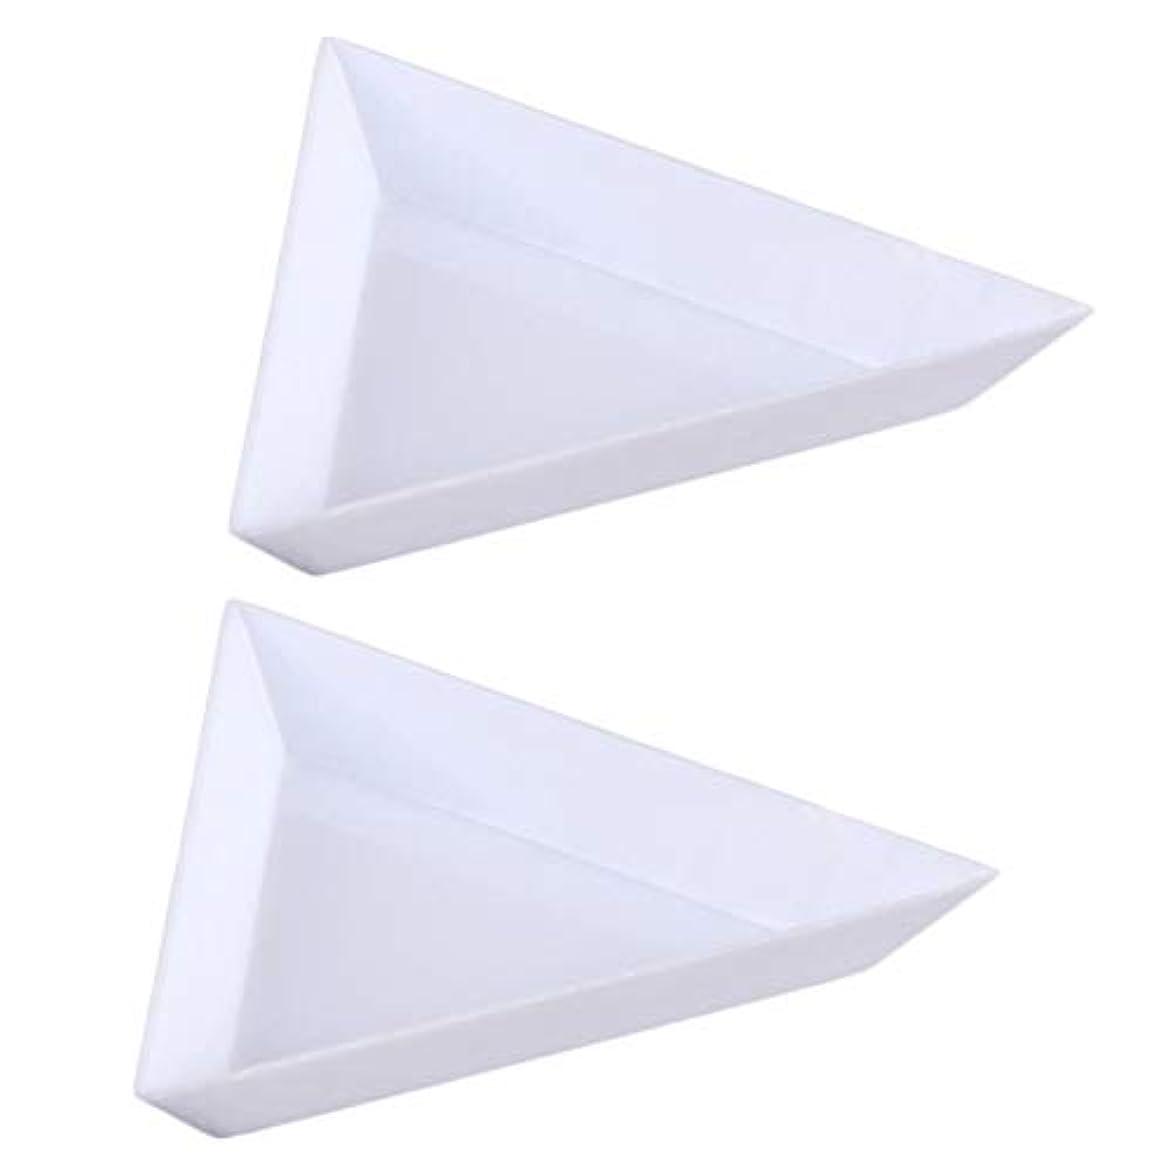 市民権失敗支援RETYLY 10個三角コーナープラスチックラインストーンビーズ 結晶 ネイルアートソーティングトレイアクセサリー白 DiyネイルアートデコレーションDotting収納トレイ オーガニゼーションに最適